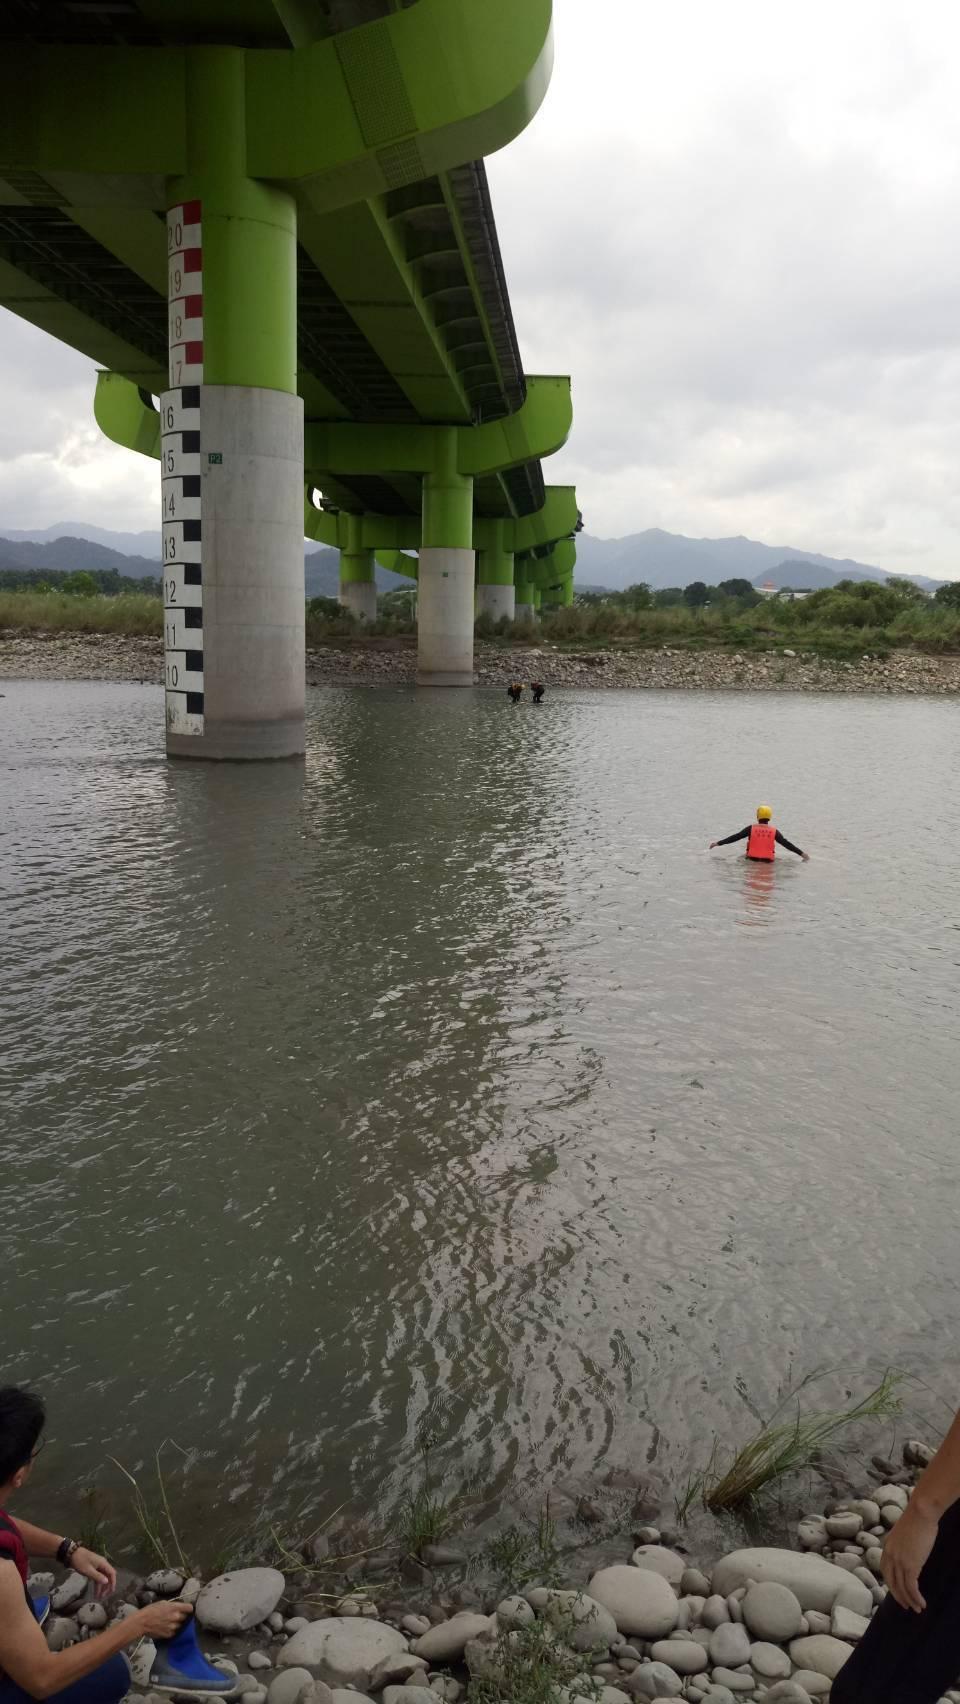 新北市樹林柑園二橋今天清晨發現男子墜河,已無生命跡象。 記者林昭彰/翻攝